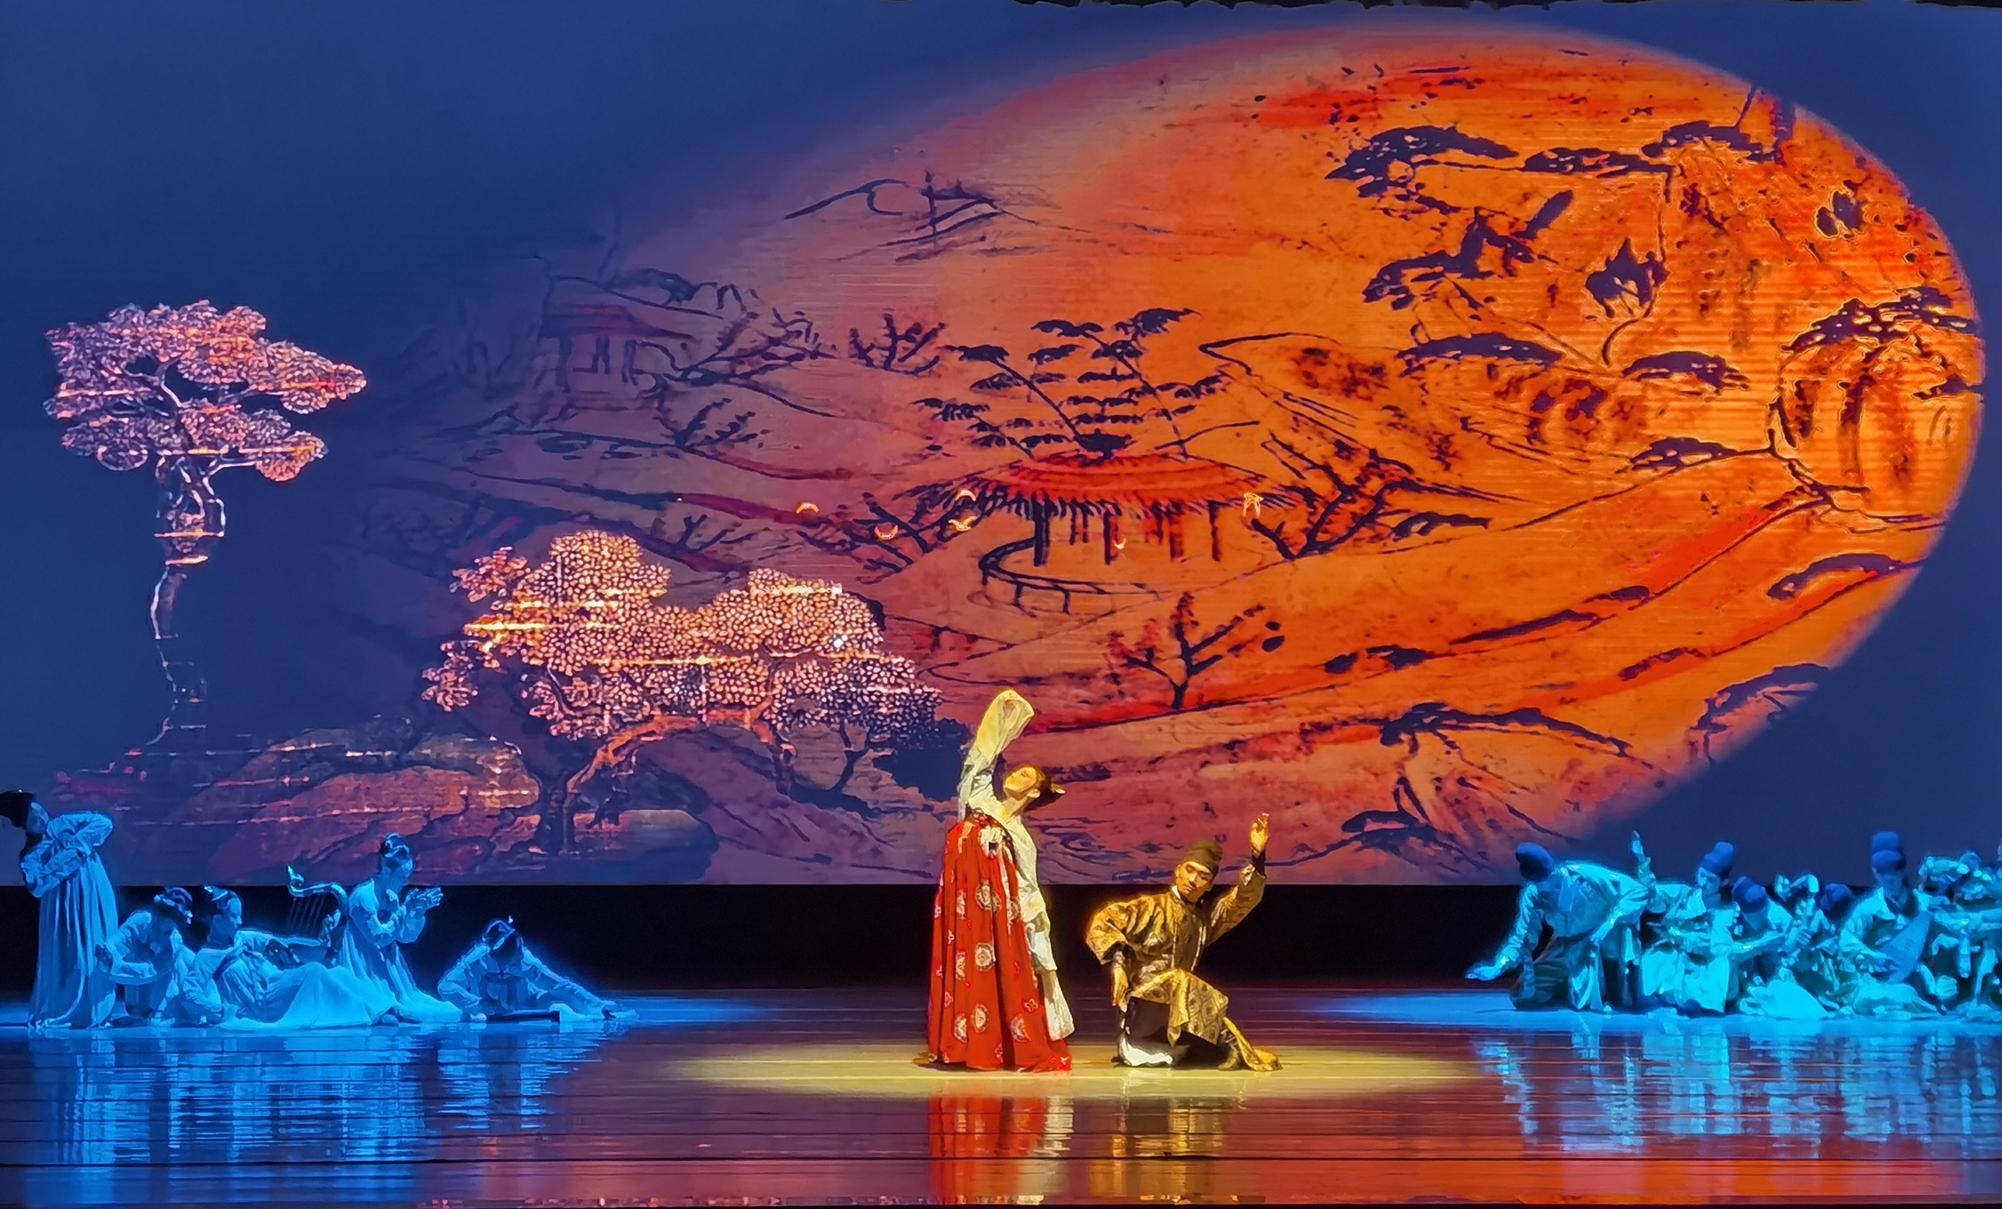 「和舞」以唐代韓休墓壁畫《樂舞圖》為原型創作而來。(受訪者供圖)